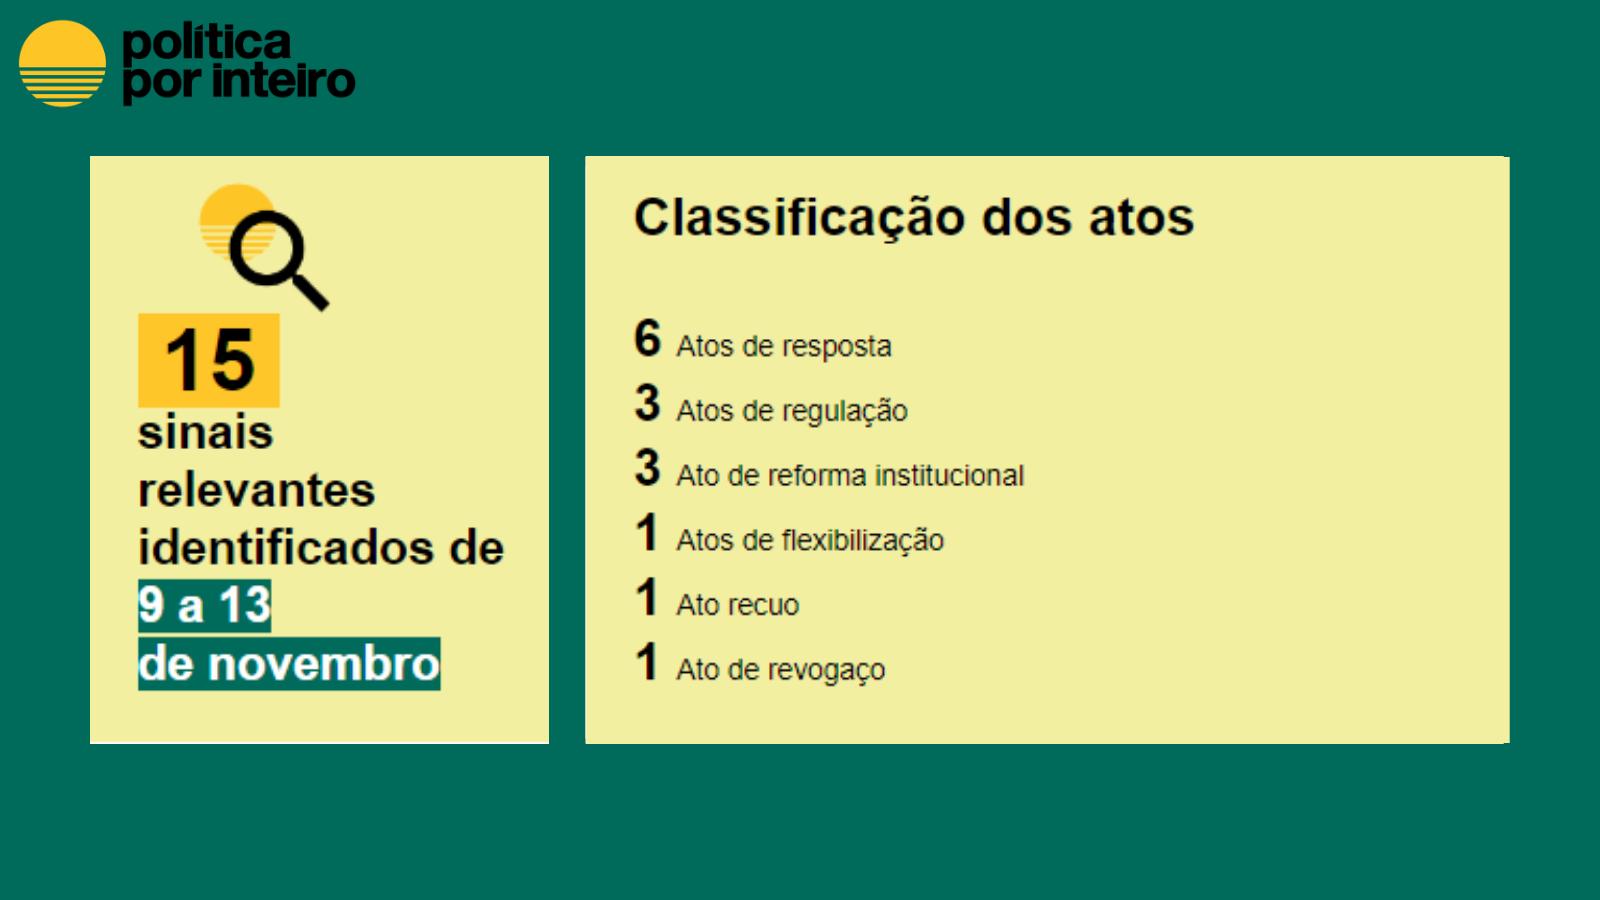 15 atos captados. Classificação dos atos : 6 Atos de resposta; 3 Atos de regulação; 3 Ato de reforma institucional; 1 Atos de flexibilização; 1 Ato recuo; 1 Ato de revogaço|